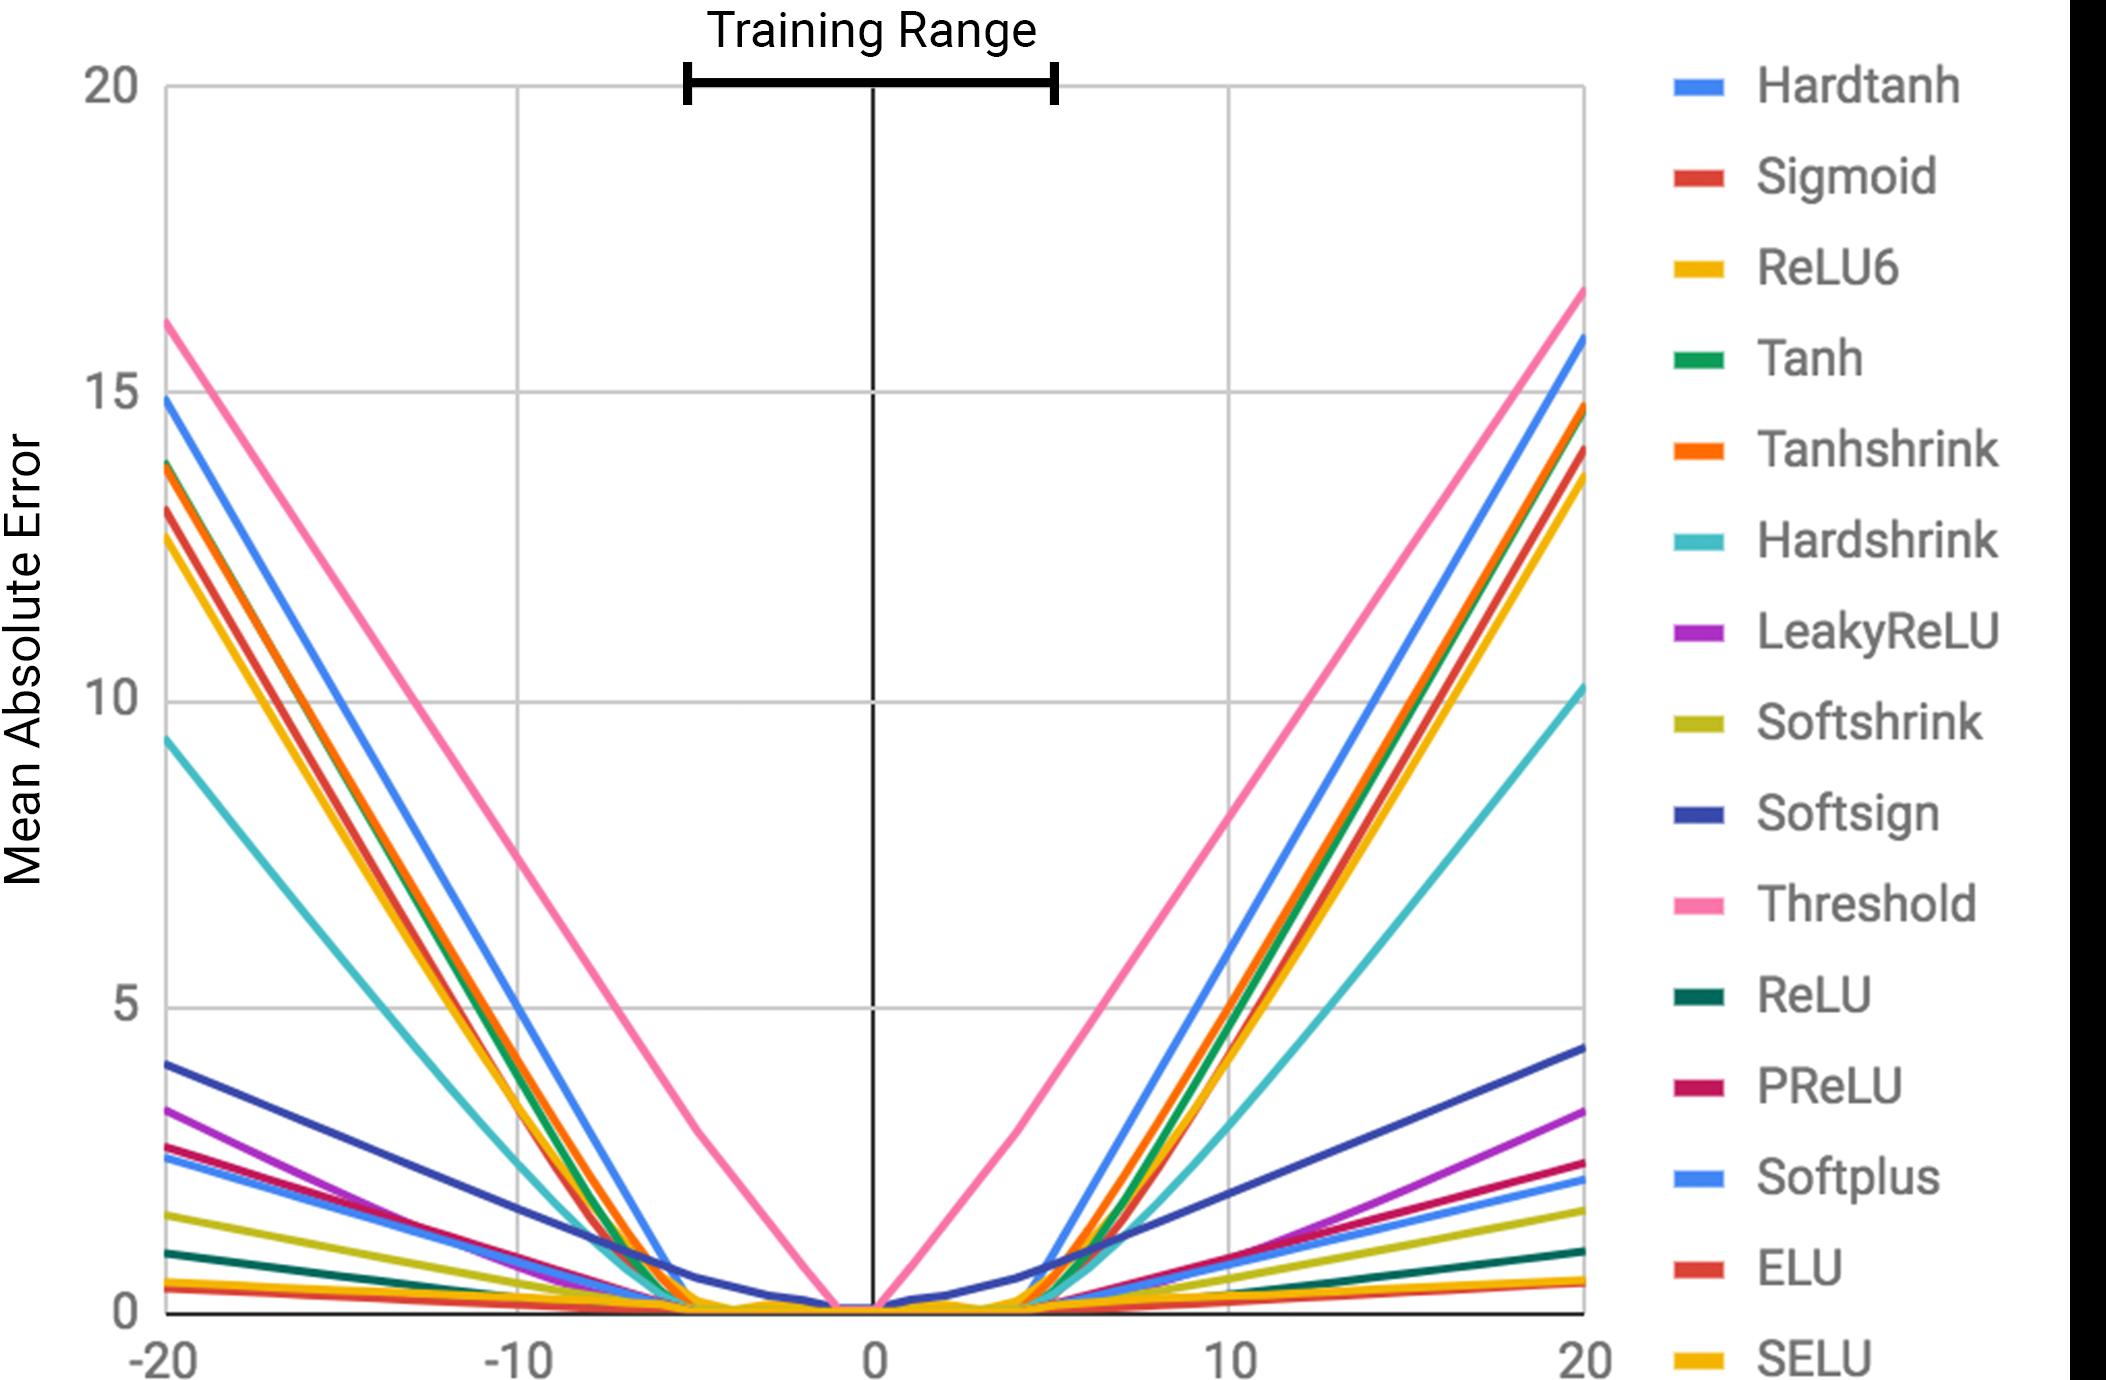 Error is higher outside the training range.